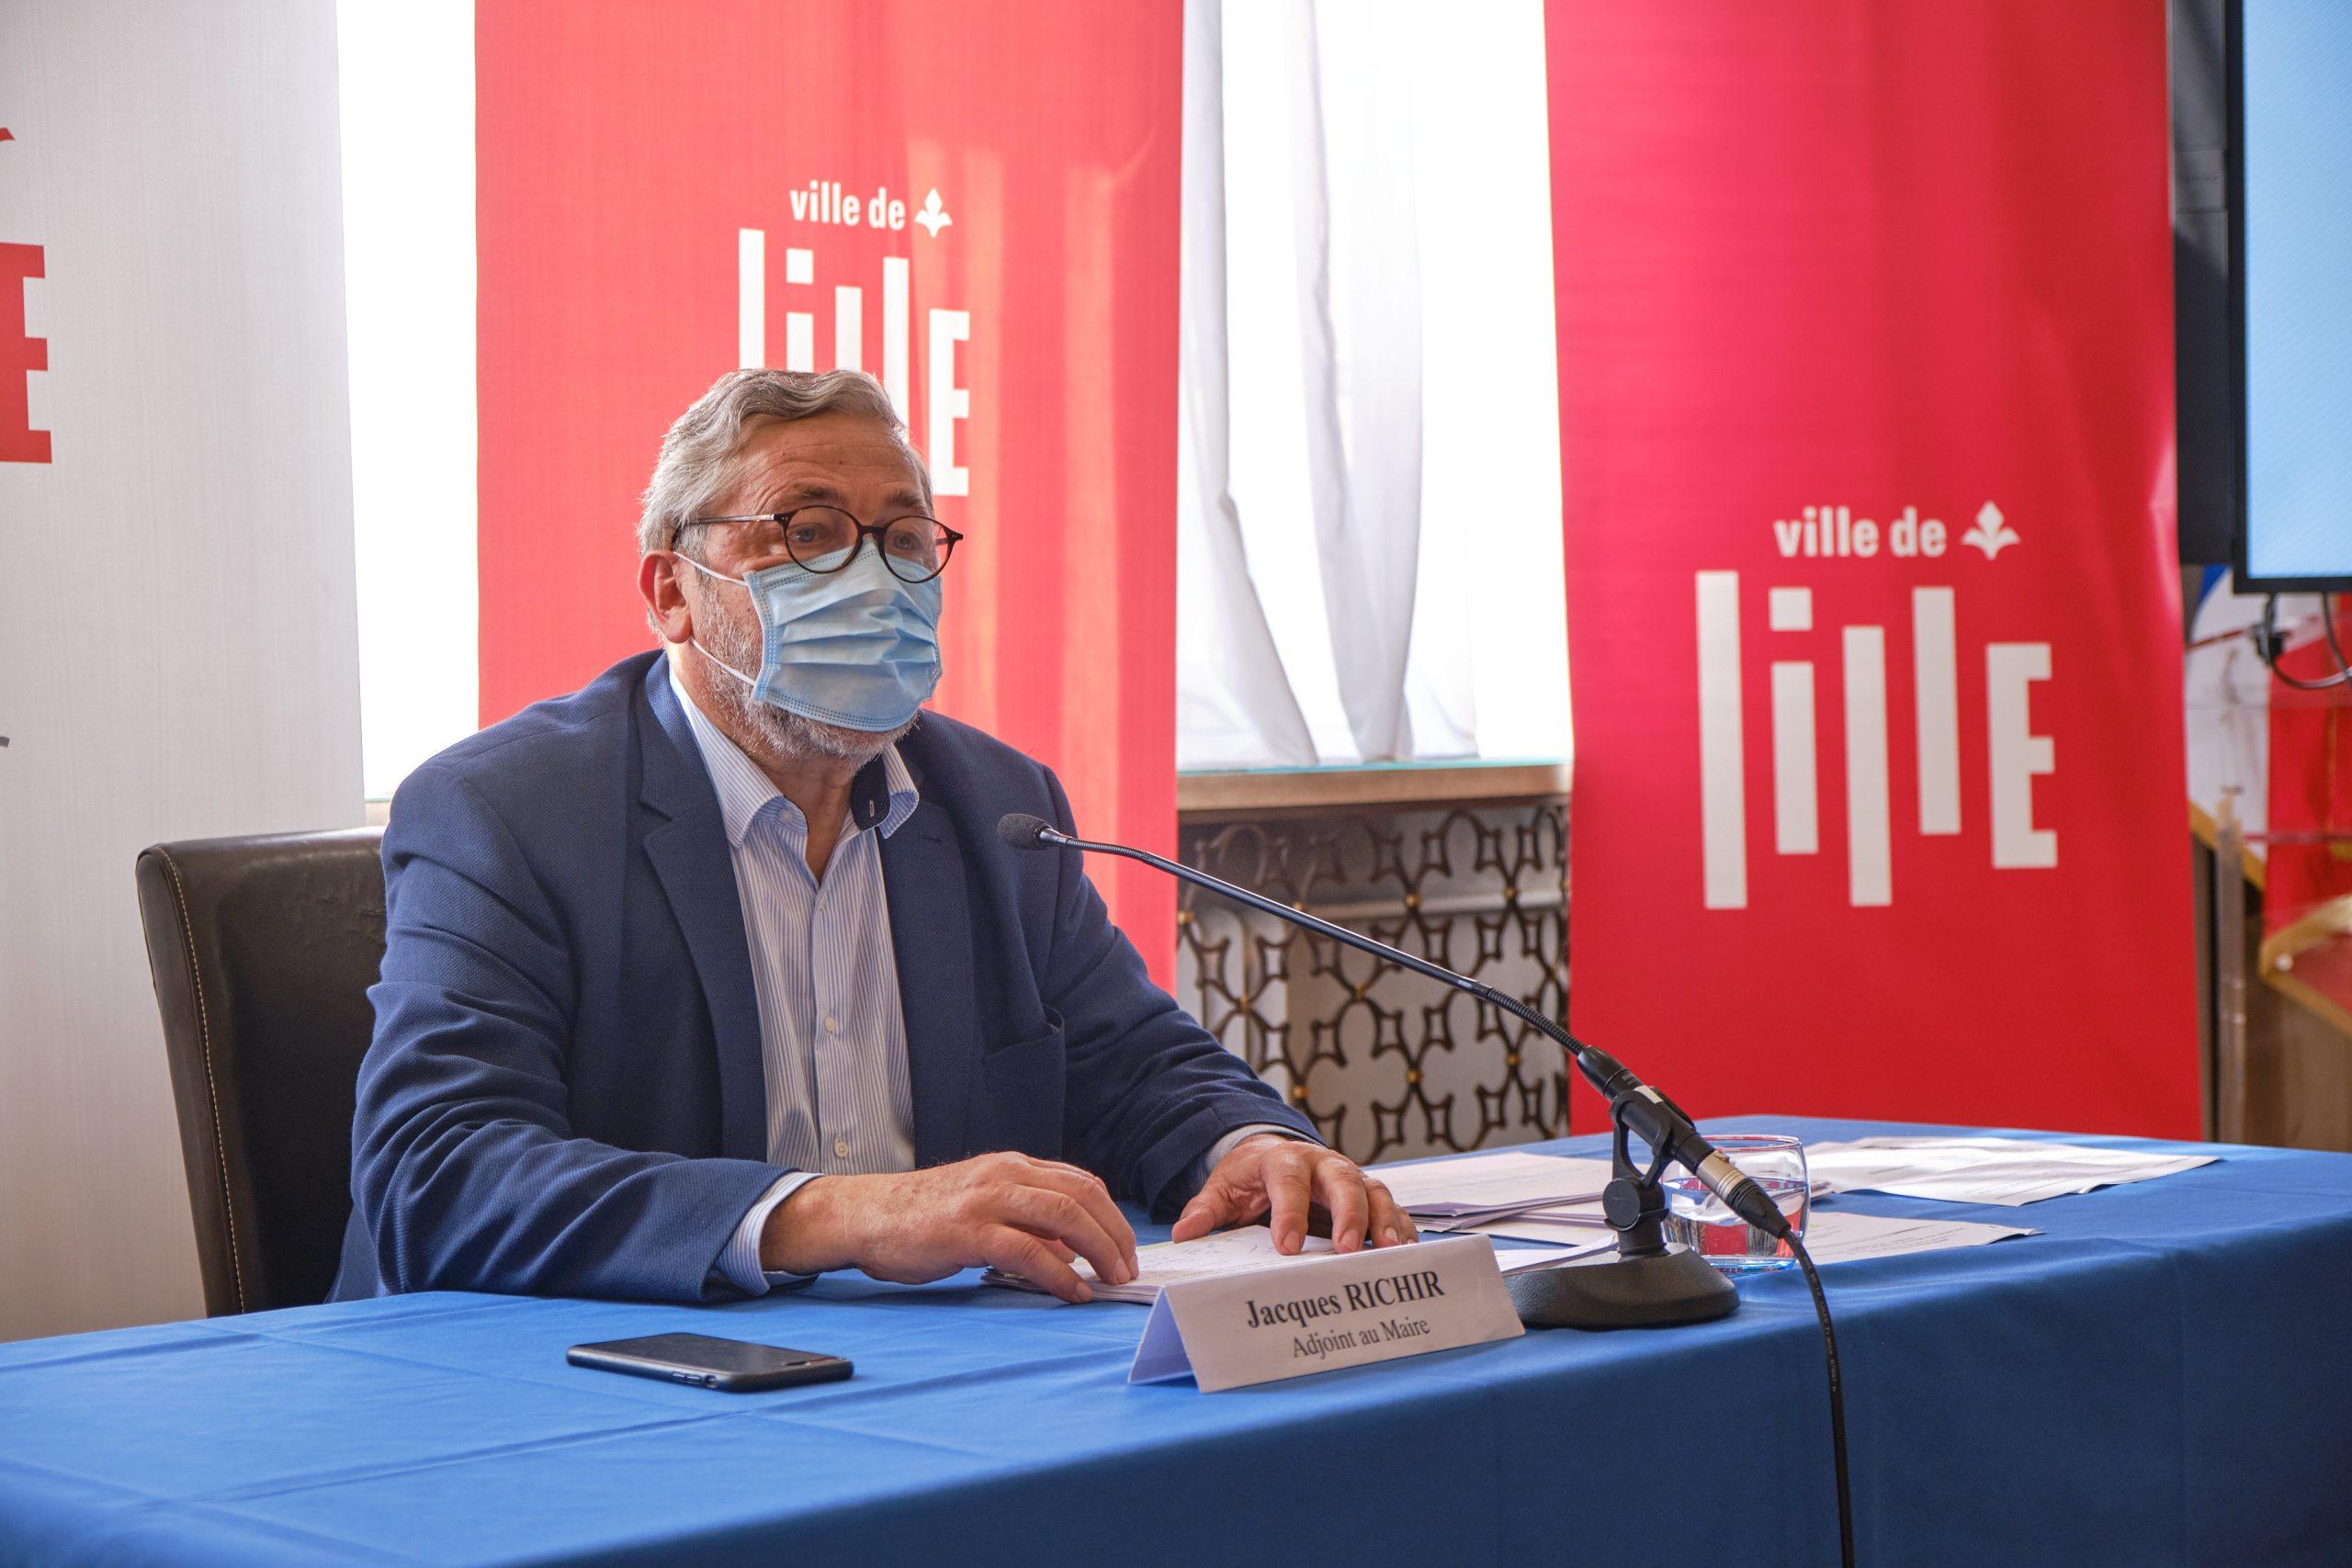 Selon Jacques Richir, les efforts menés par la mairie s'avèreront bénéfiques à la santé de lillois et à leur sécurité.